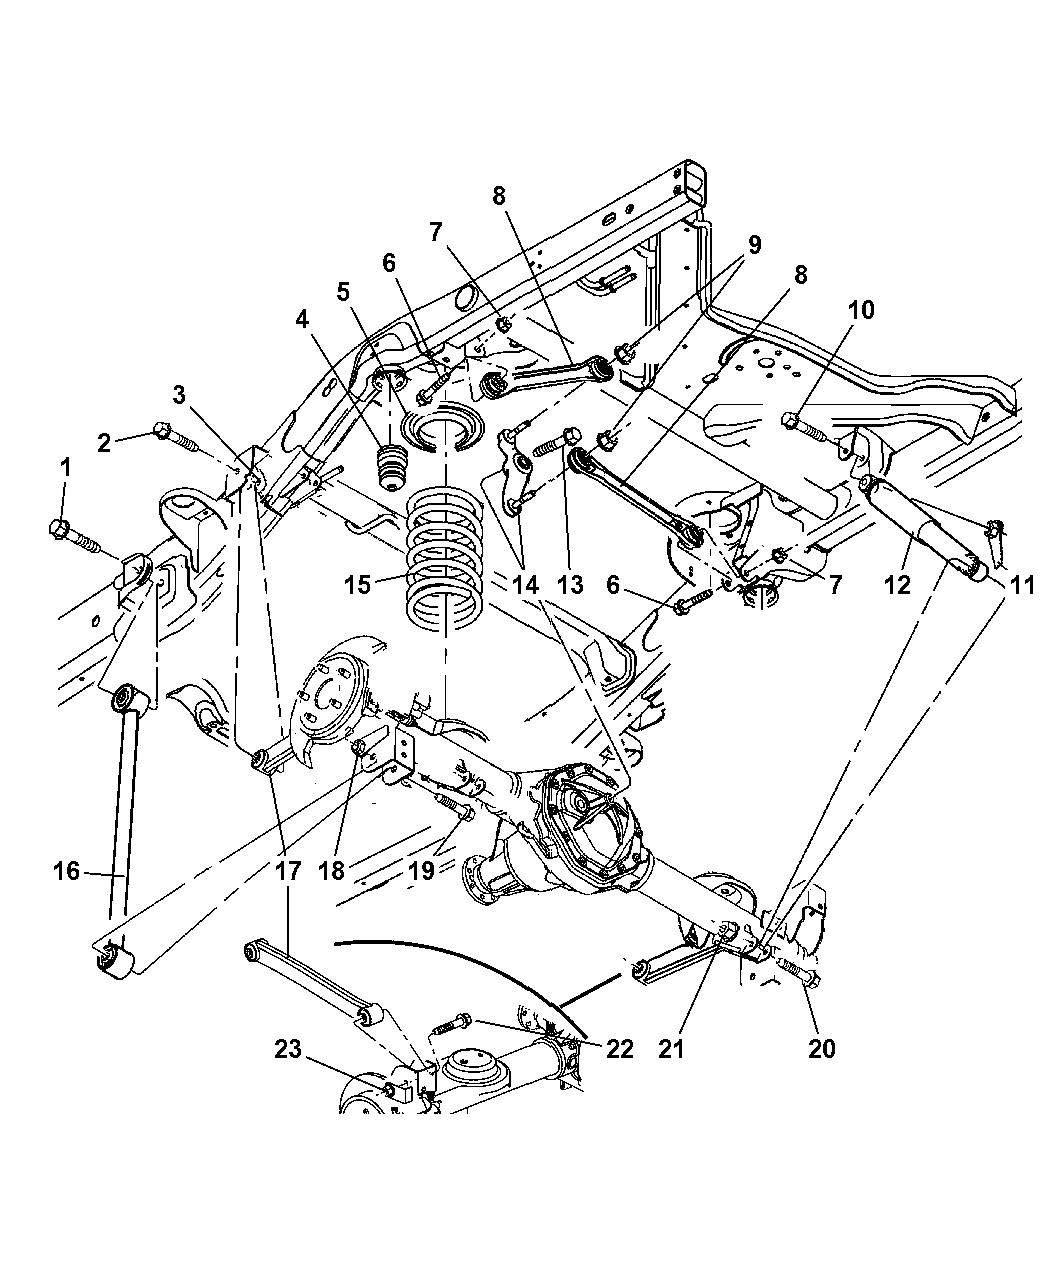 2007 dodge durango suspension parts diagram  u2022 wiring